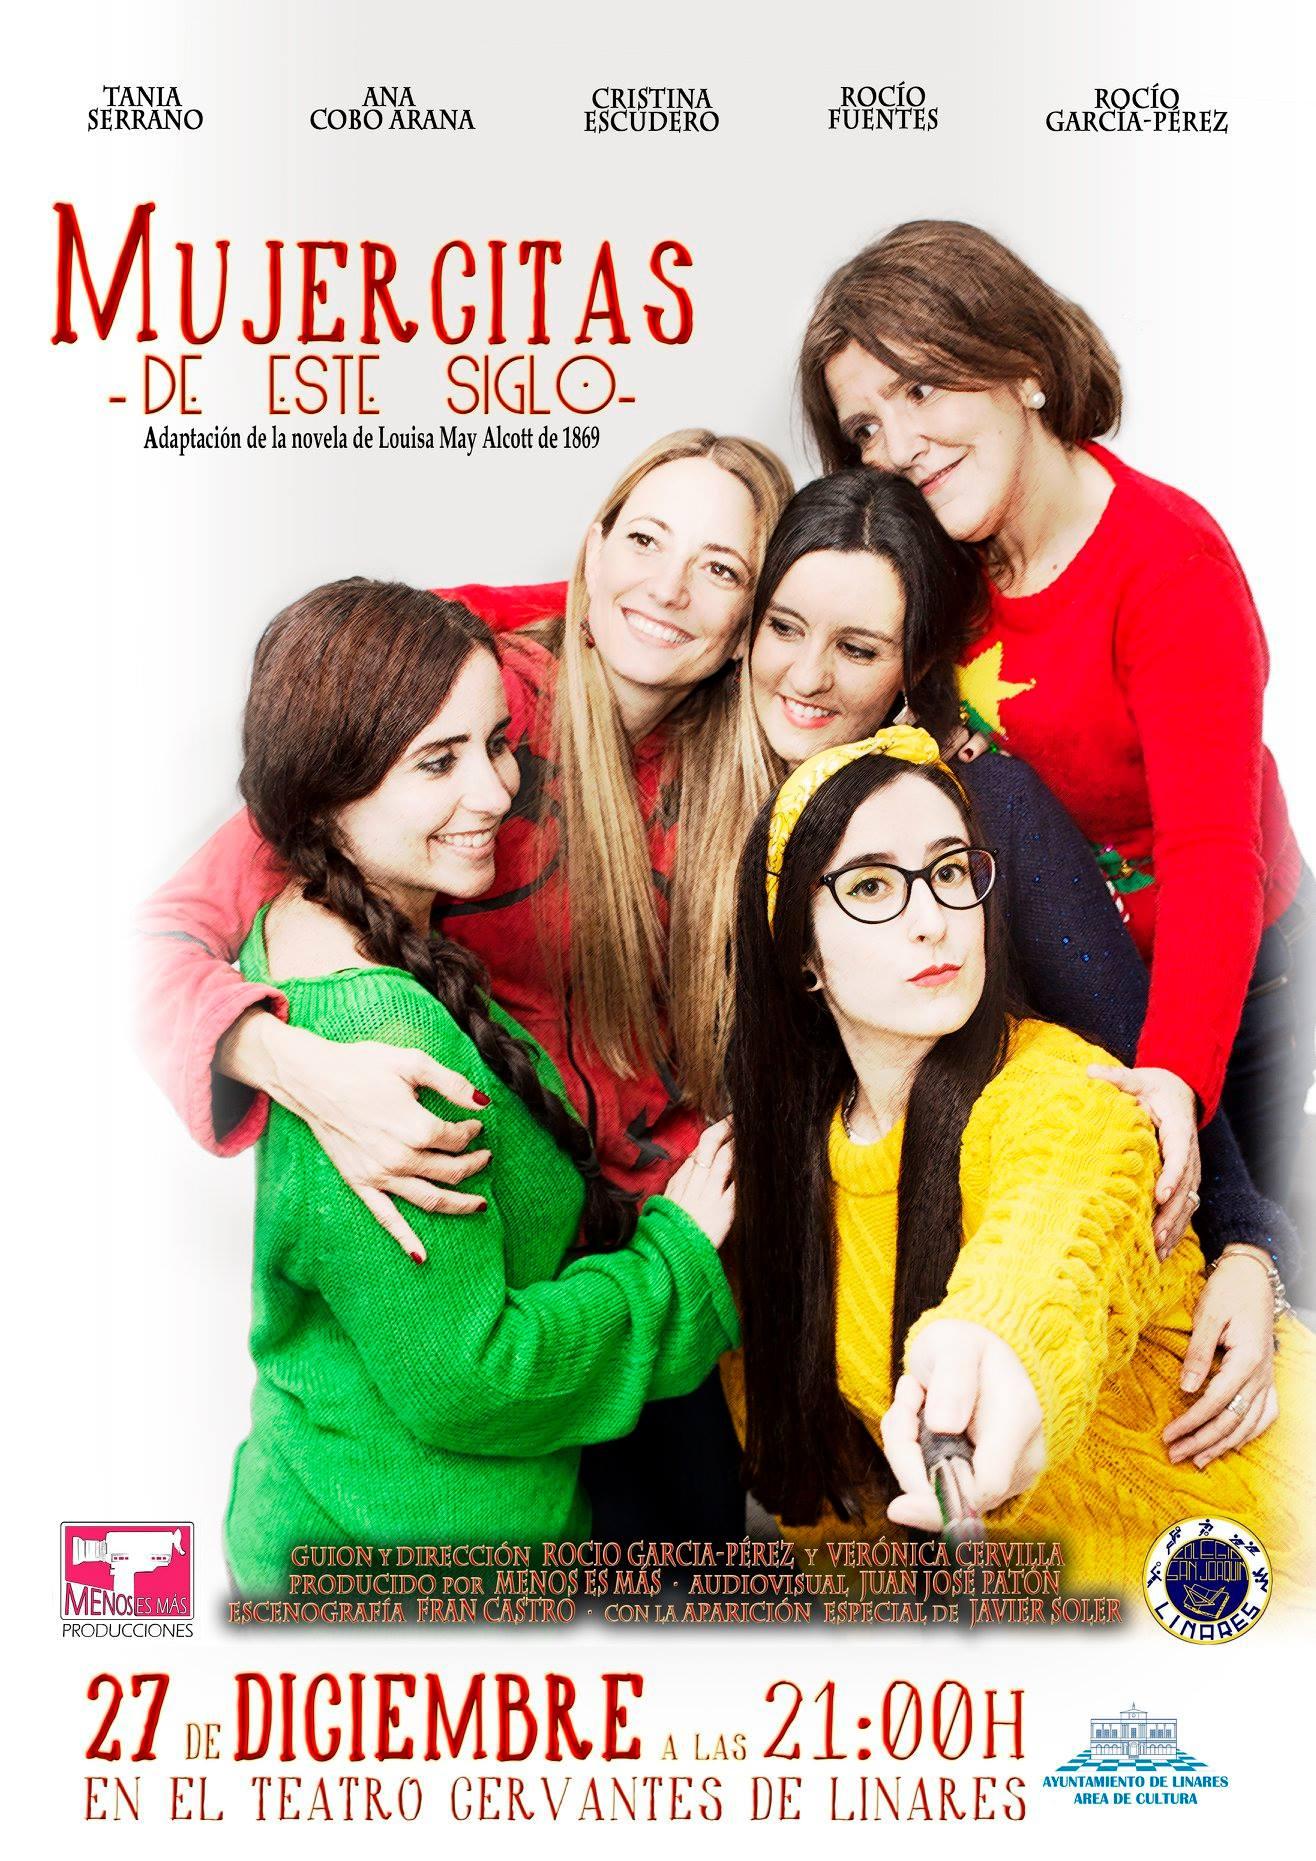 Mujercitas del siglo XXI. Nuestra obra de teatro disponible en contratación.